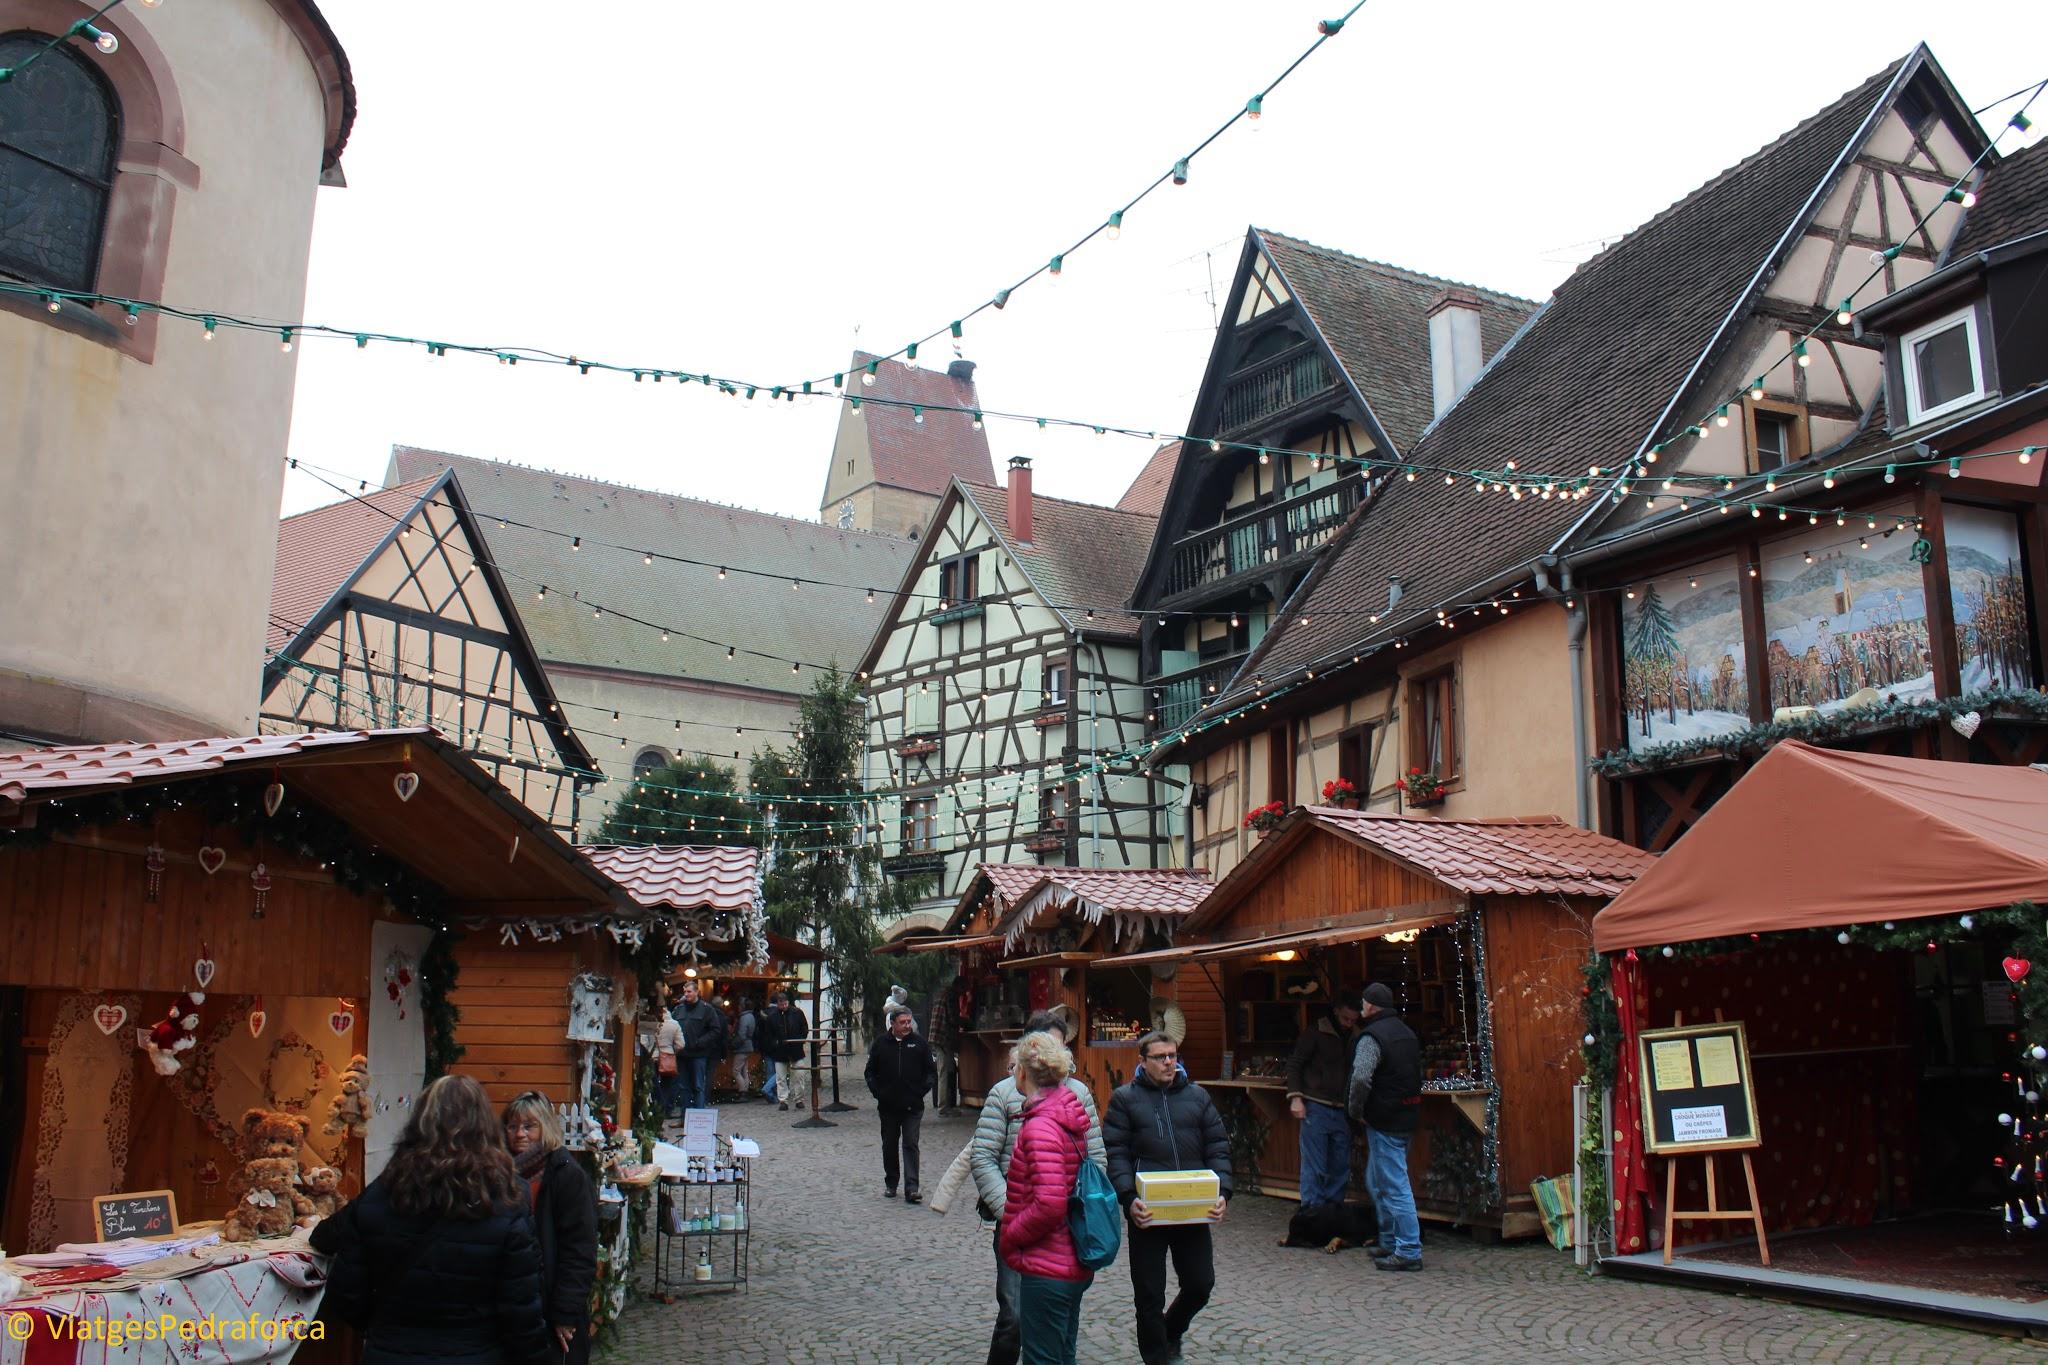 Mercat de Nadal, Els pobles de la Ruta del Vi, els Pobles més bonics de França